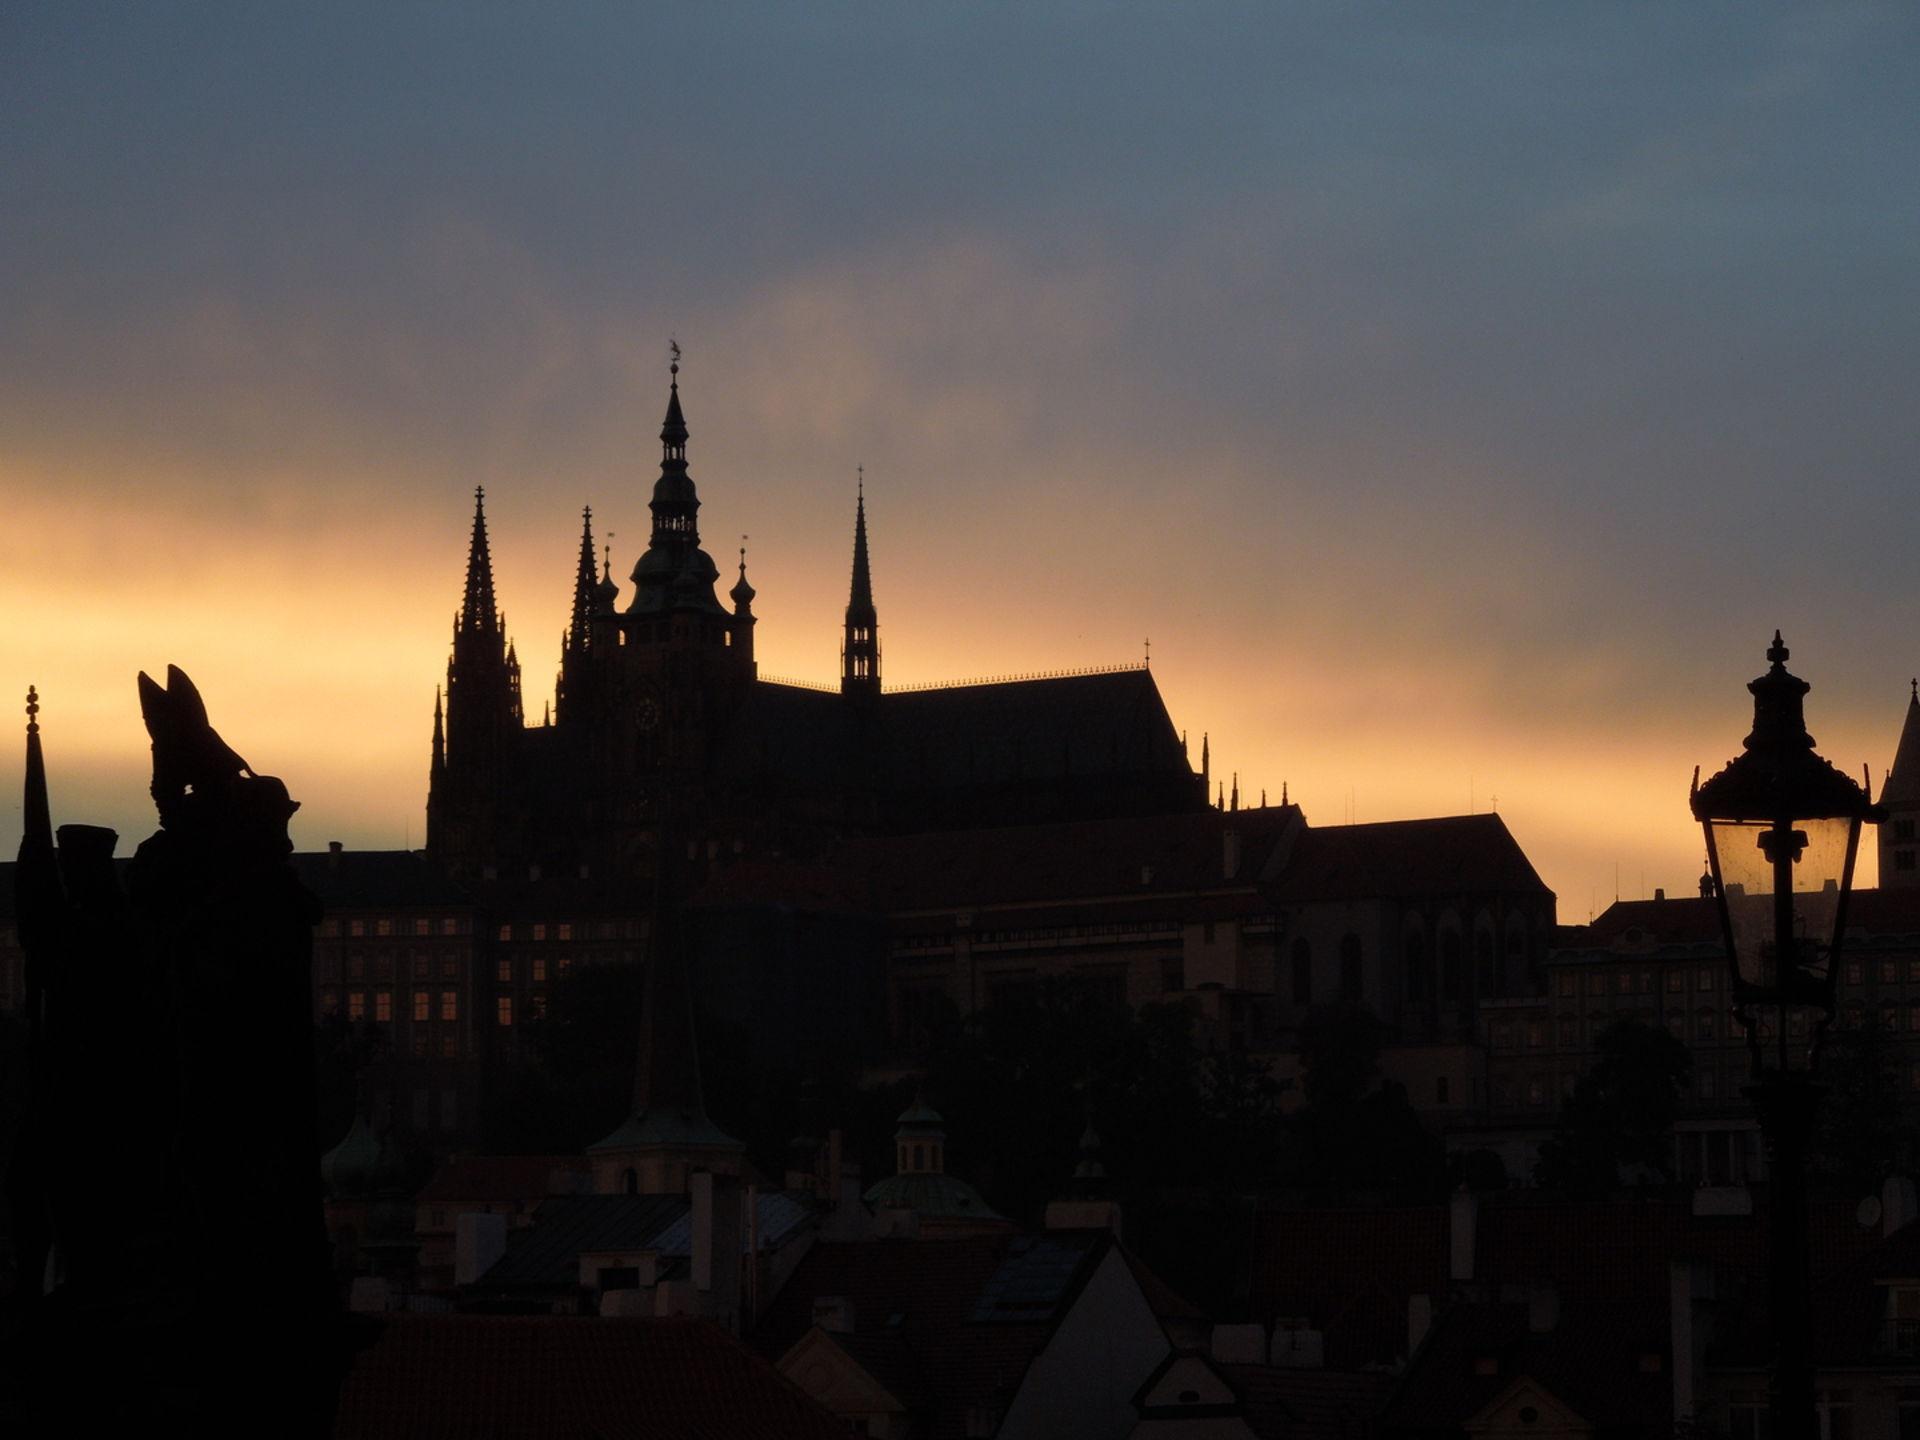 Jürgen Leuner, Prag